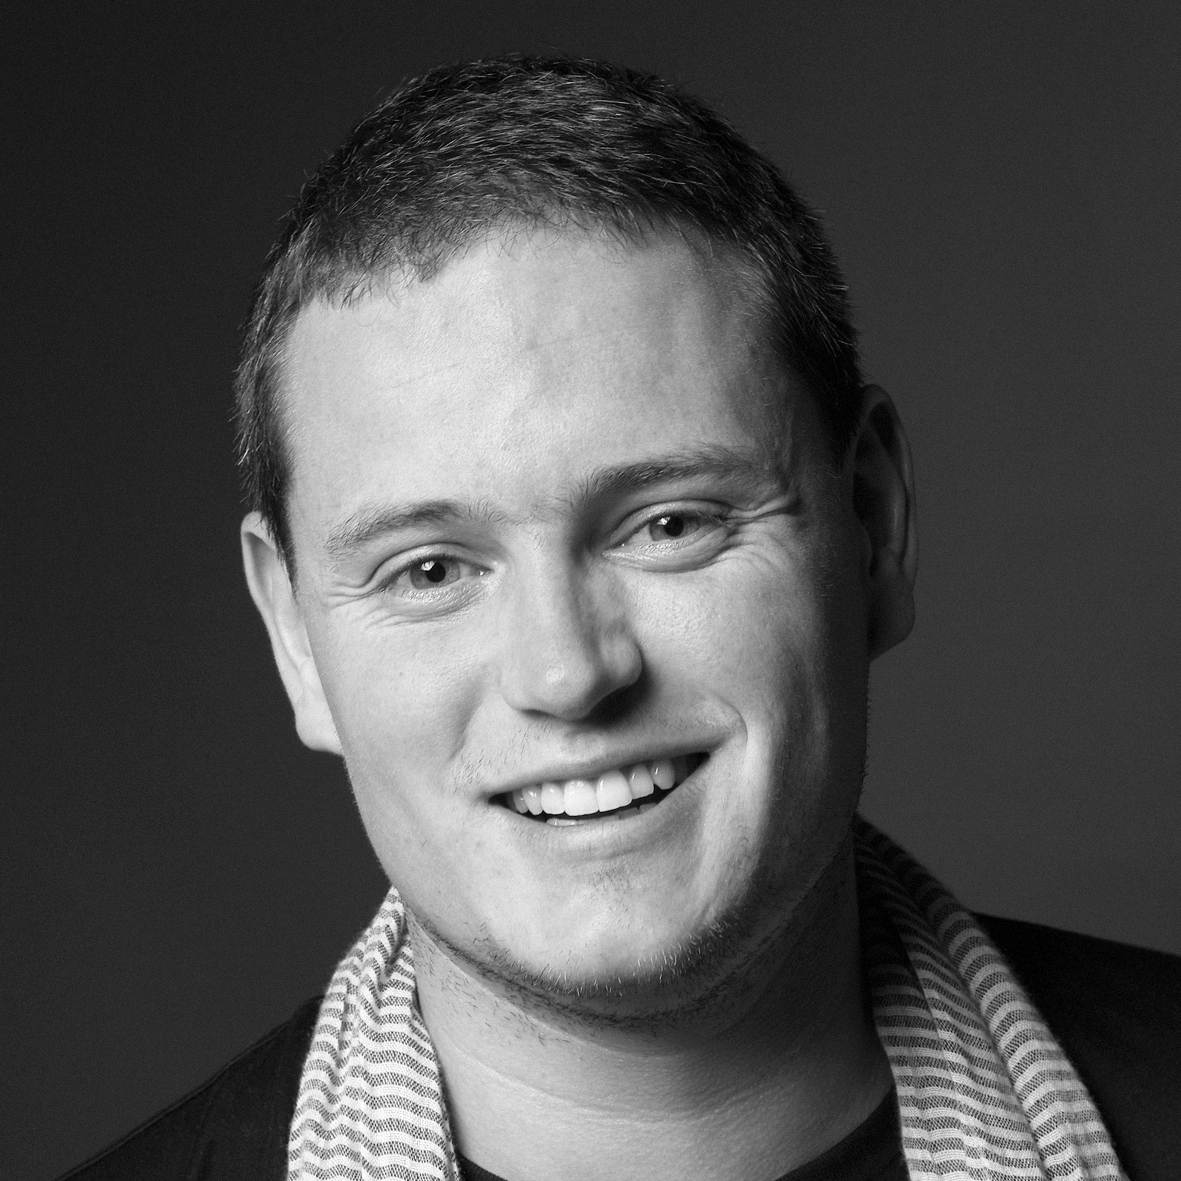 Kris Sowersby